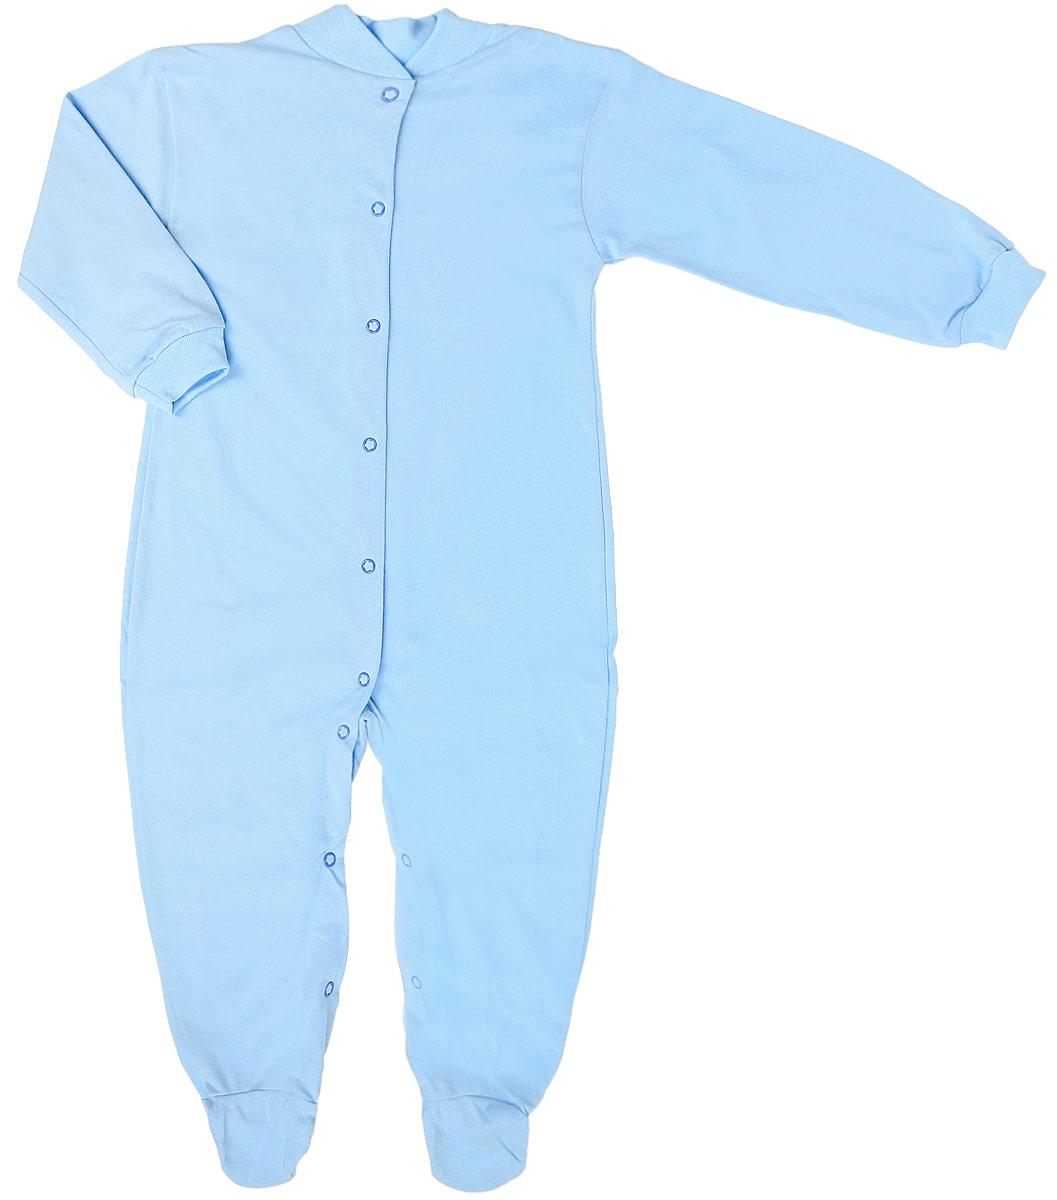 Комбинезон детский Чудесные одежки, цвет: голубой. 5801. Размер 685801Удобный детский комбинезон Чудесные одежки выполнен из натурального хлопка.Комбинезон с небольшим воротничком-стойкой, длинными рукавами и закрытыми ножками имеет застежки-кнопки спереди и на ластовице, которые помогают легко переодеть младенца или сменить подгузник. Воротничок и манжеты на рукавах выполнены из трикотажной эластичной резинки. Изделие оформлено в лаконичном дизайне.